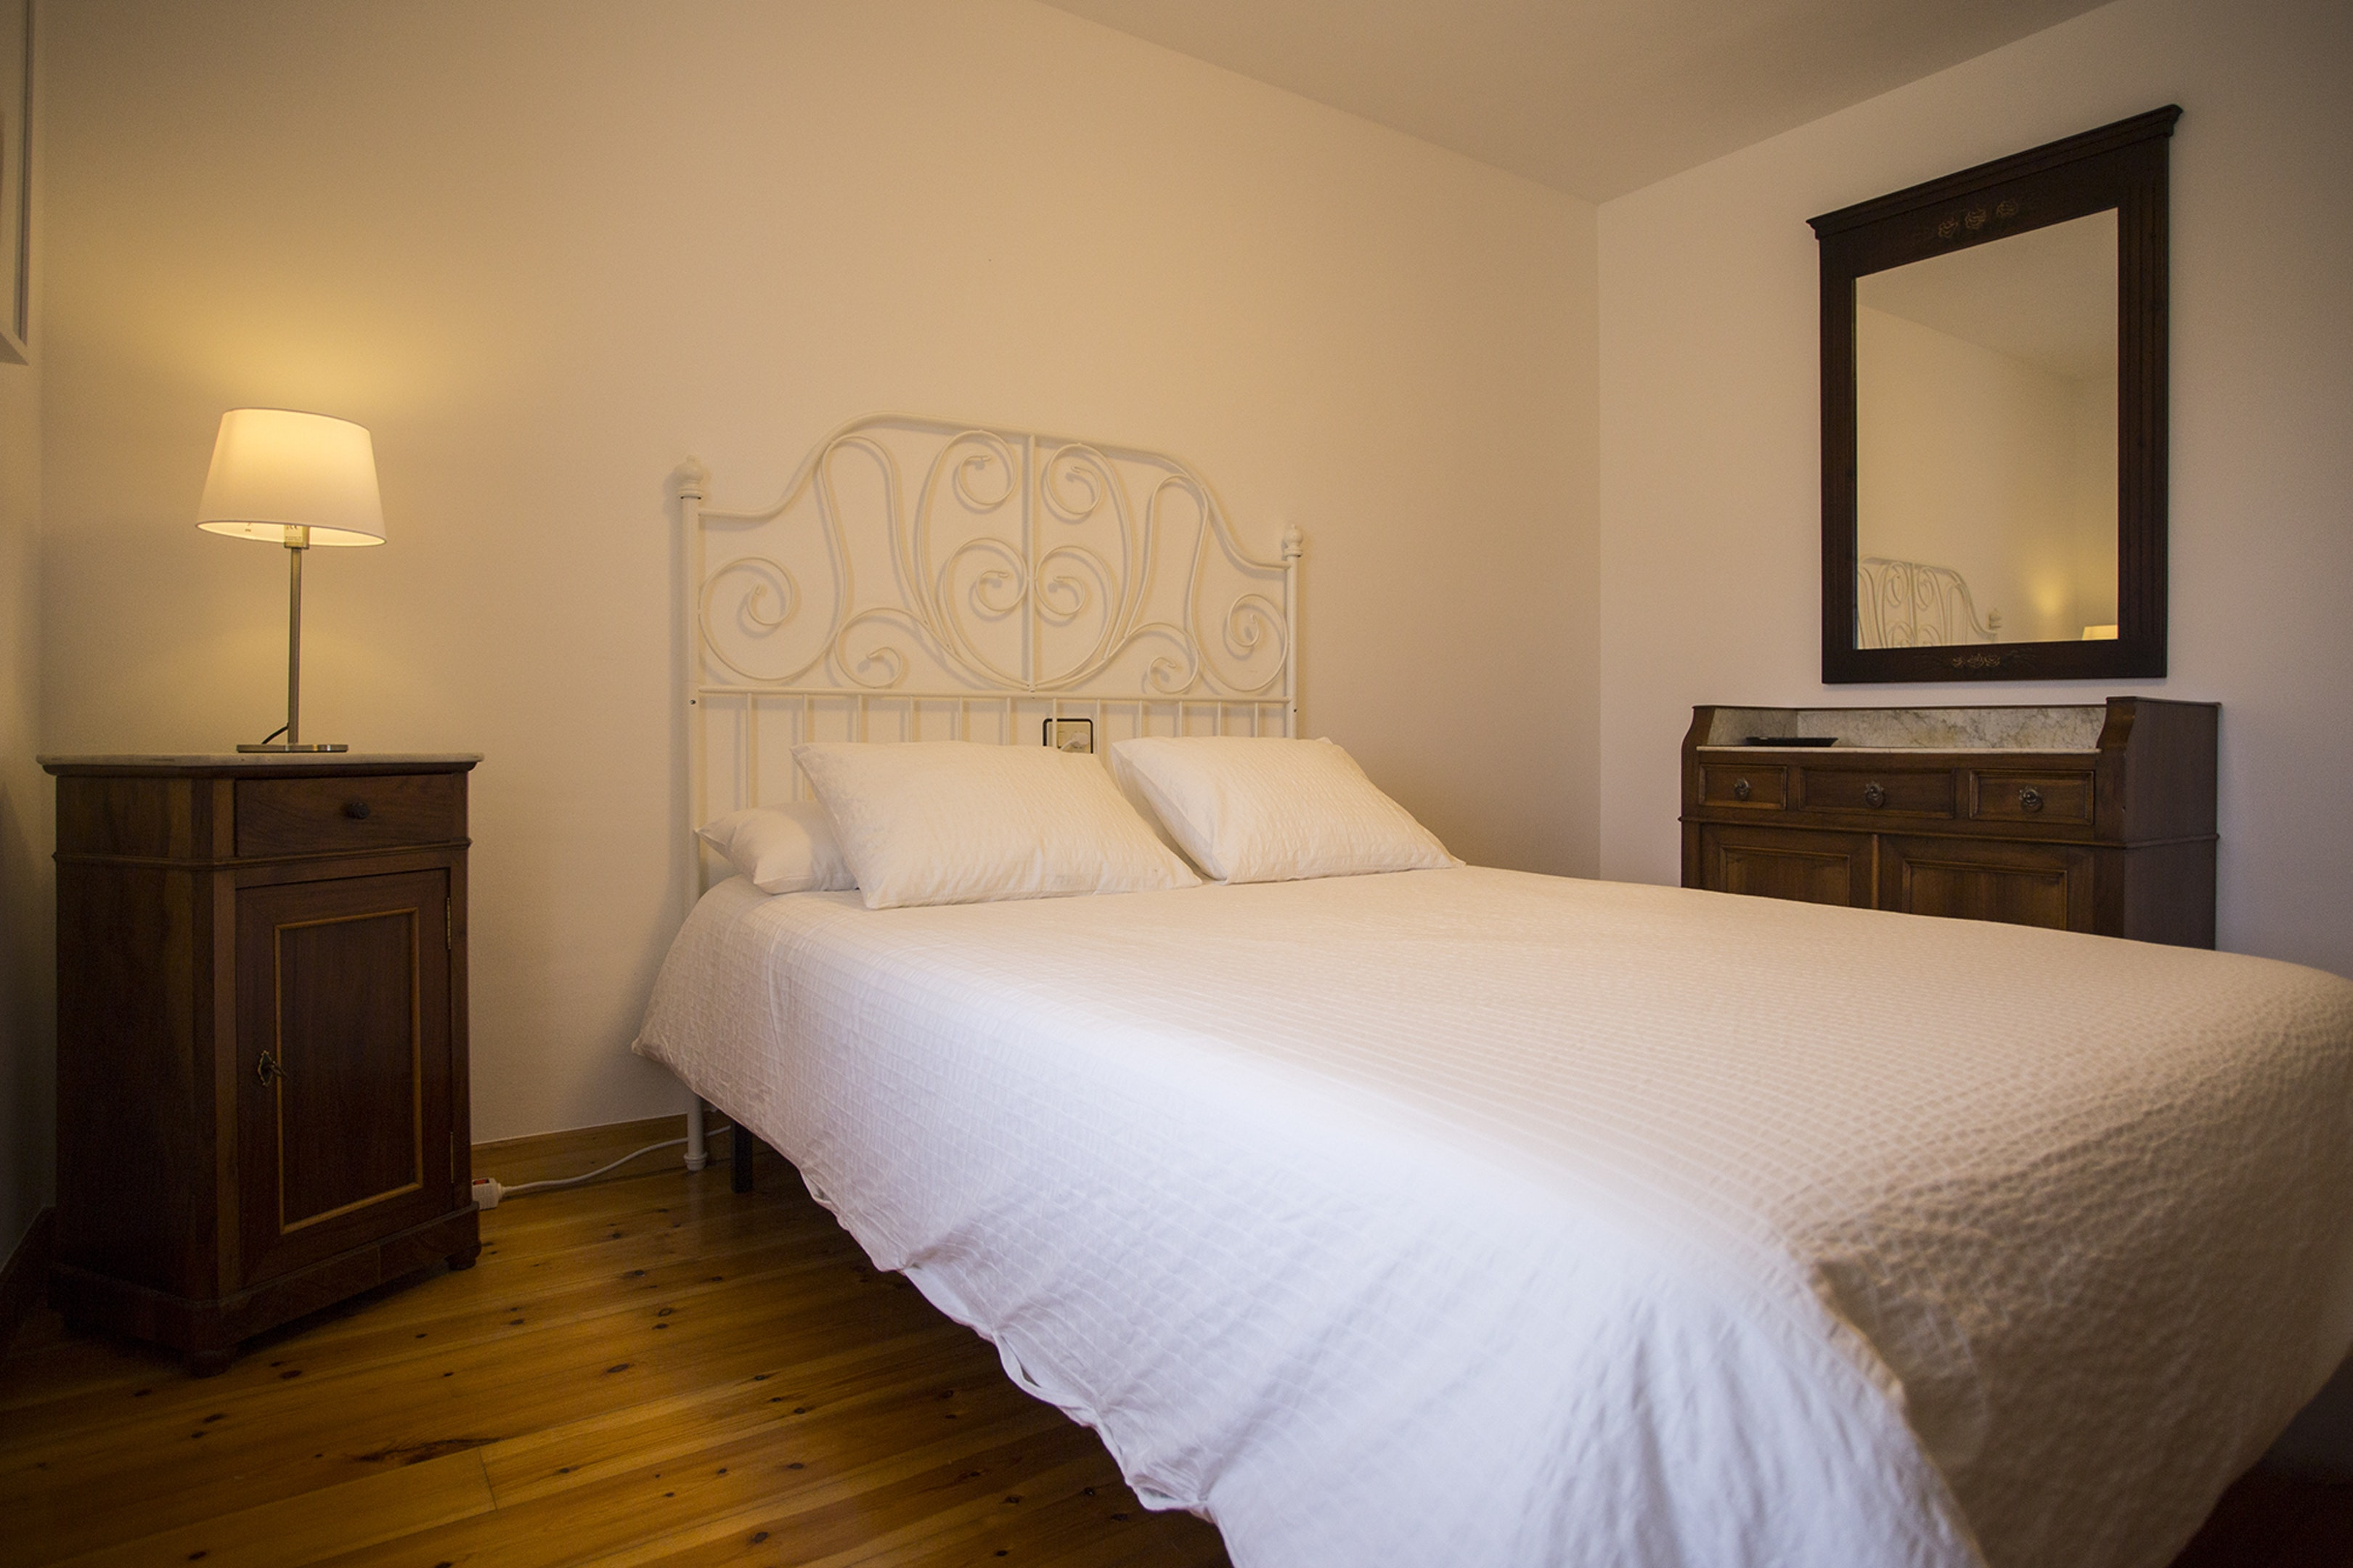 Ferienhaus Haus mit 7 Schlafzimmern in Villaviciosa mit toller Aussicht auf die Berge, eingezäuntem G (2239815), Villaverde, Costa Verde (ES), Asturien, Spanien, Bild 12